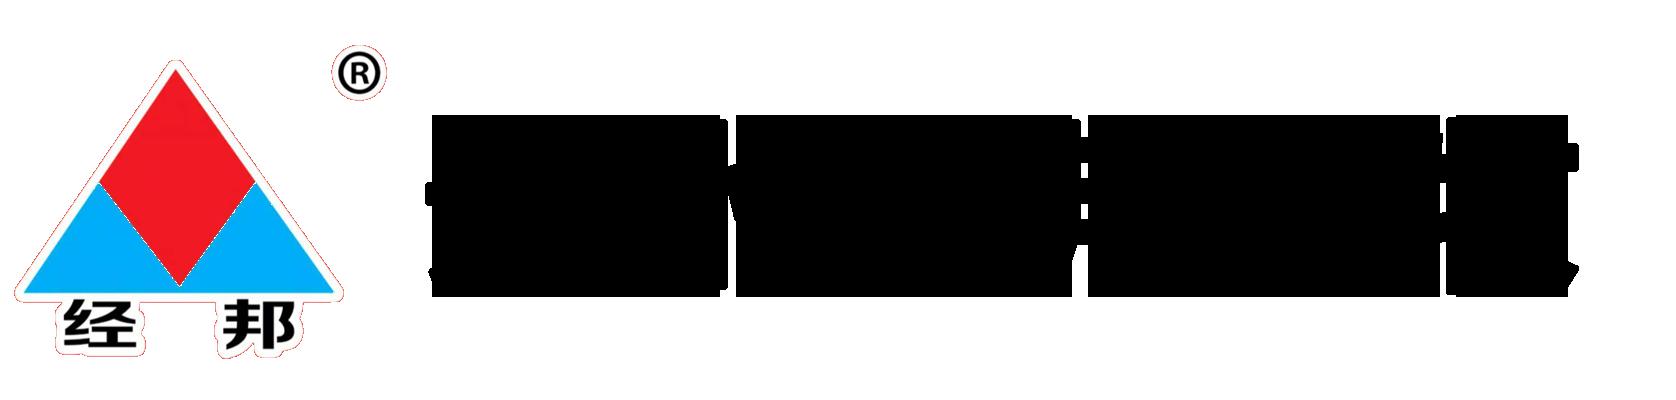 贵州万博mantbex万博manbetx手机版科技有限公司